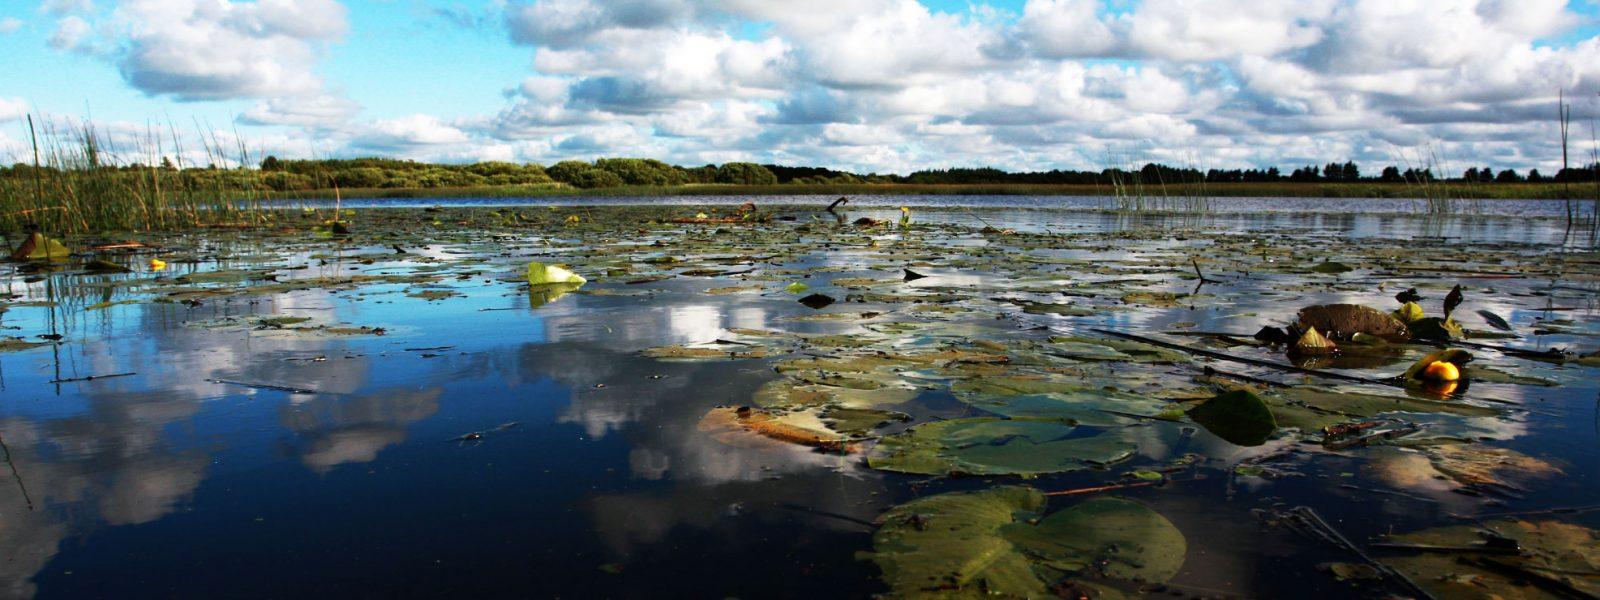 Karlsgårde Sø